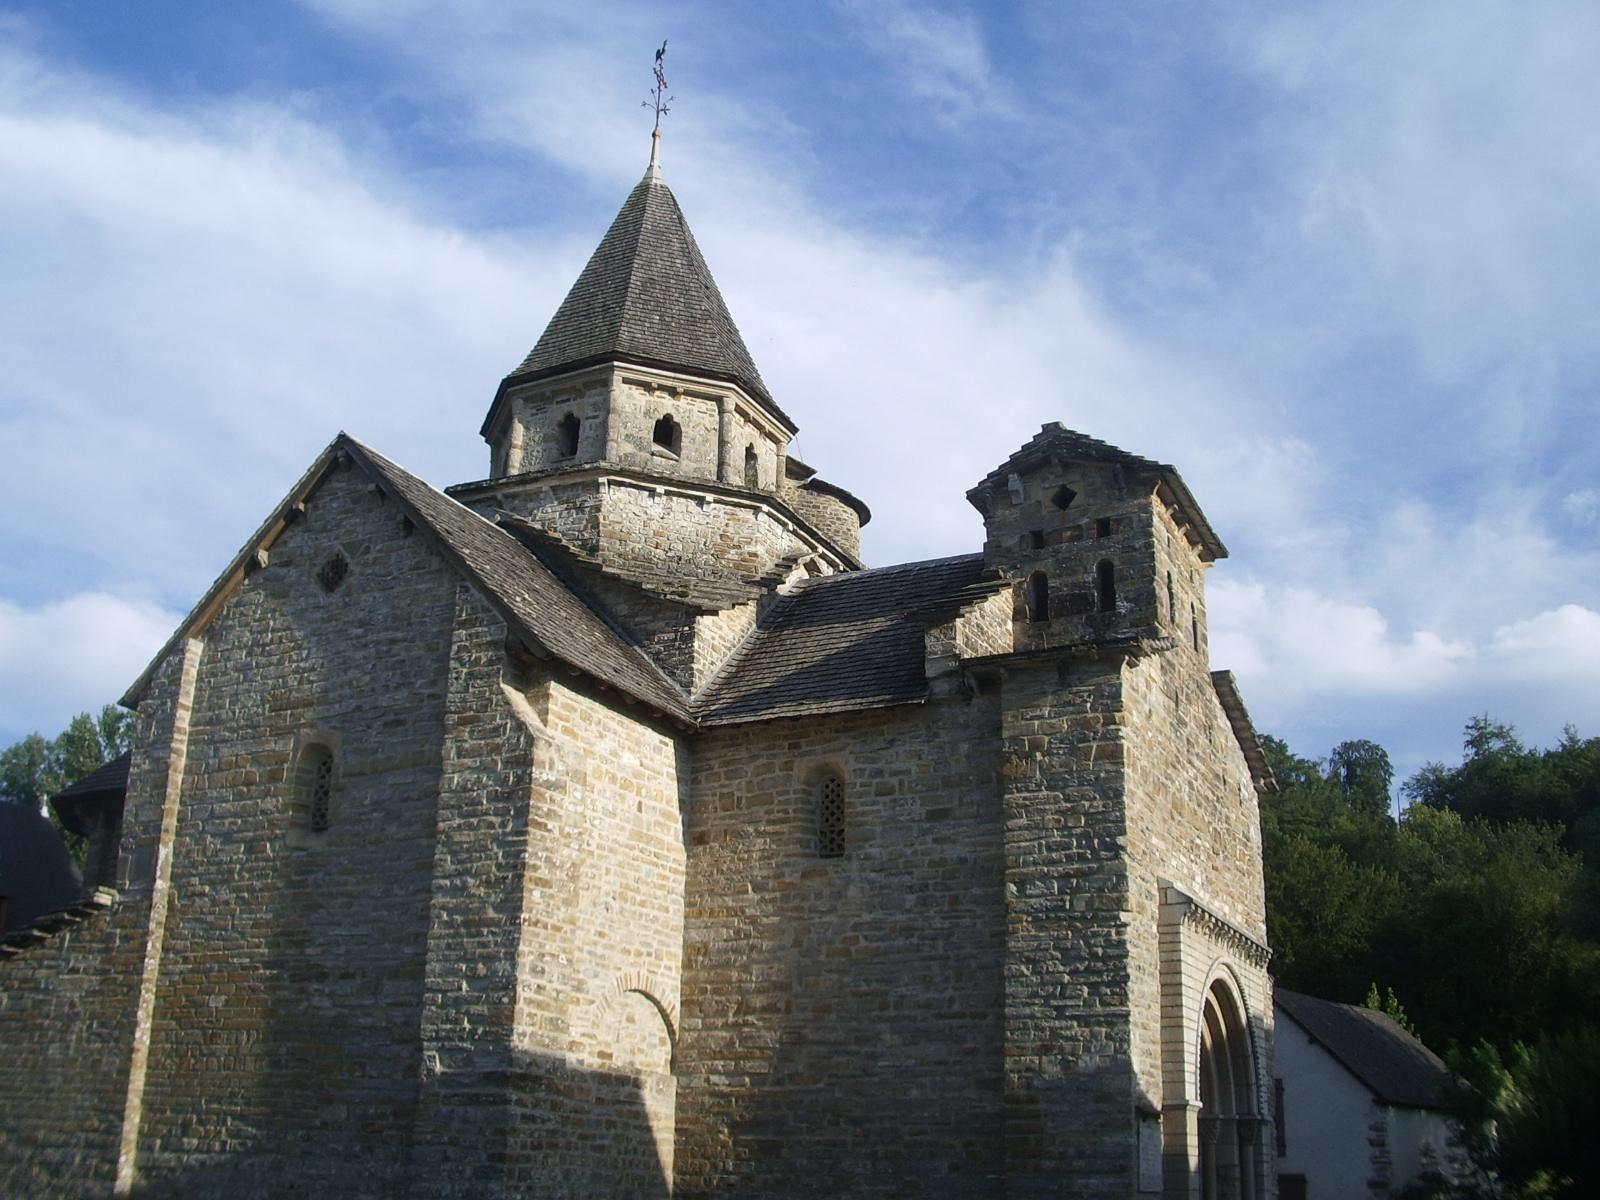 Église romane de l'Hôpital-Saint-Blaise_L'Hôpital-Saint-Blai (1)